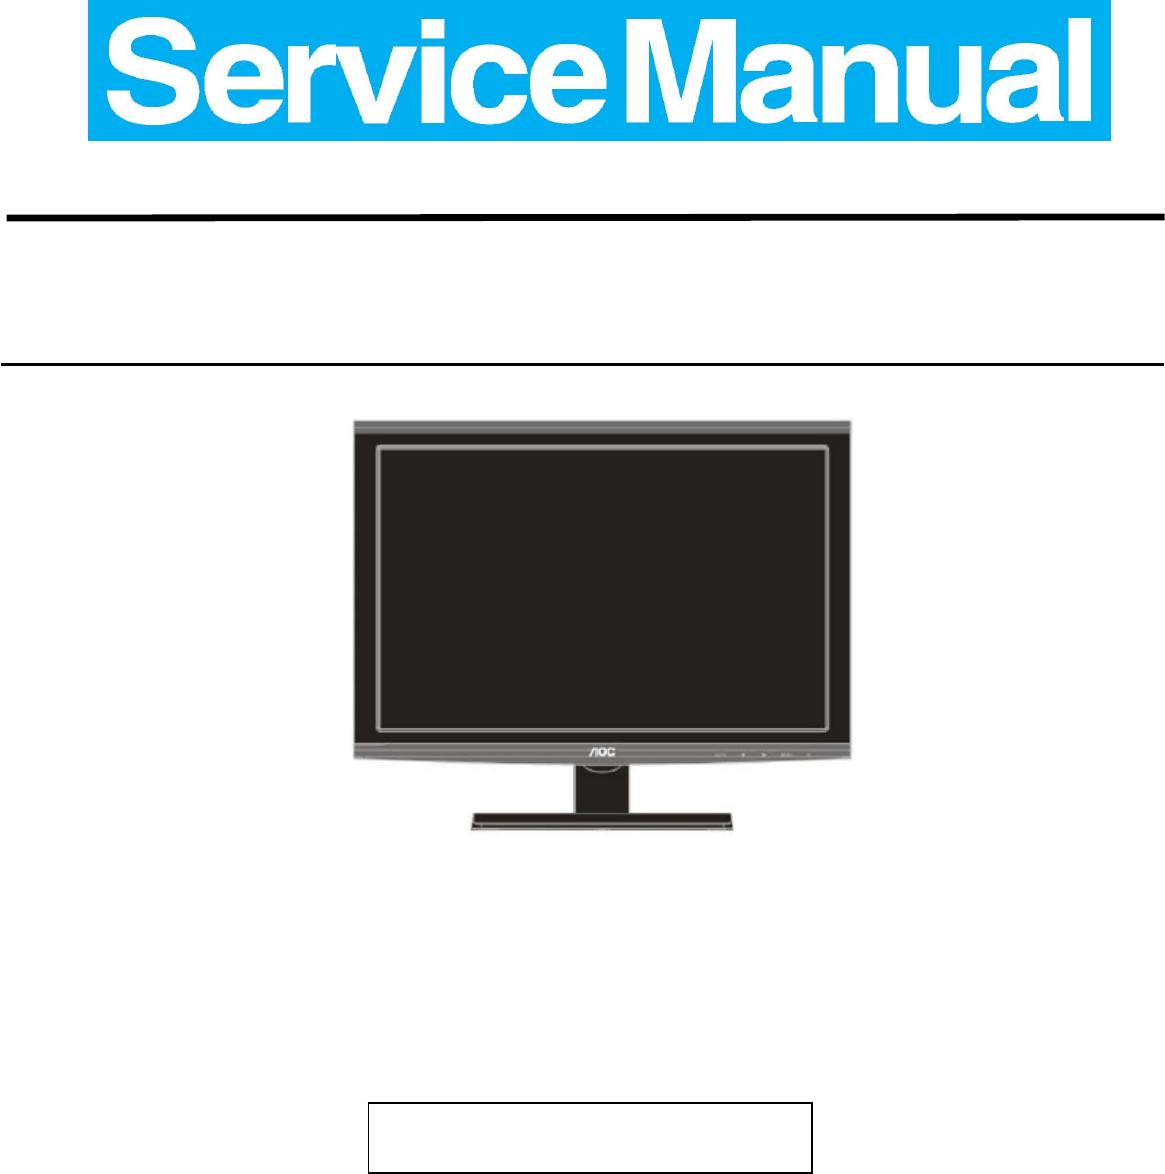 aoc computer monitor e941va user guide manualsonline com rh office manualsonline com user manual for aoc monitor AOC Monitor Controls